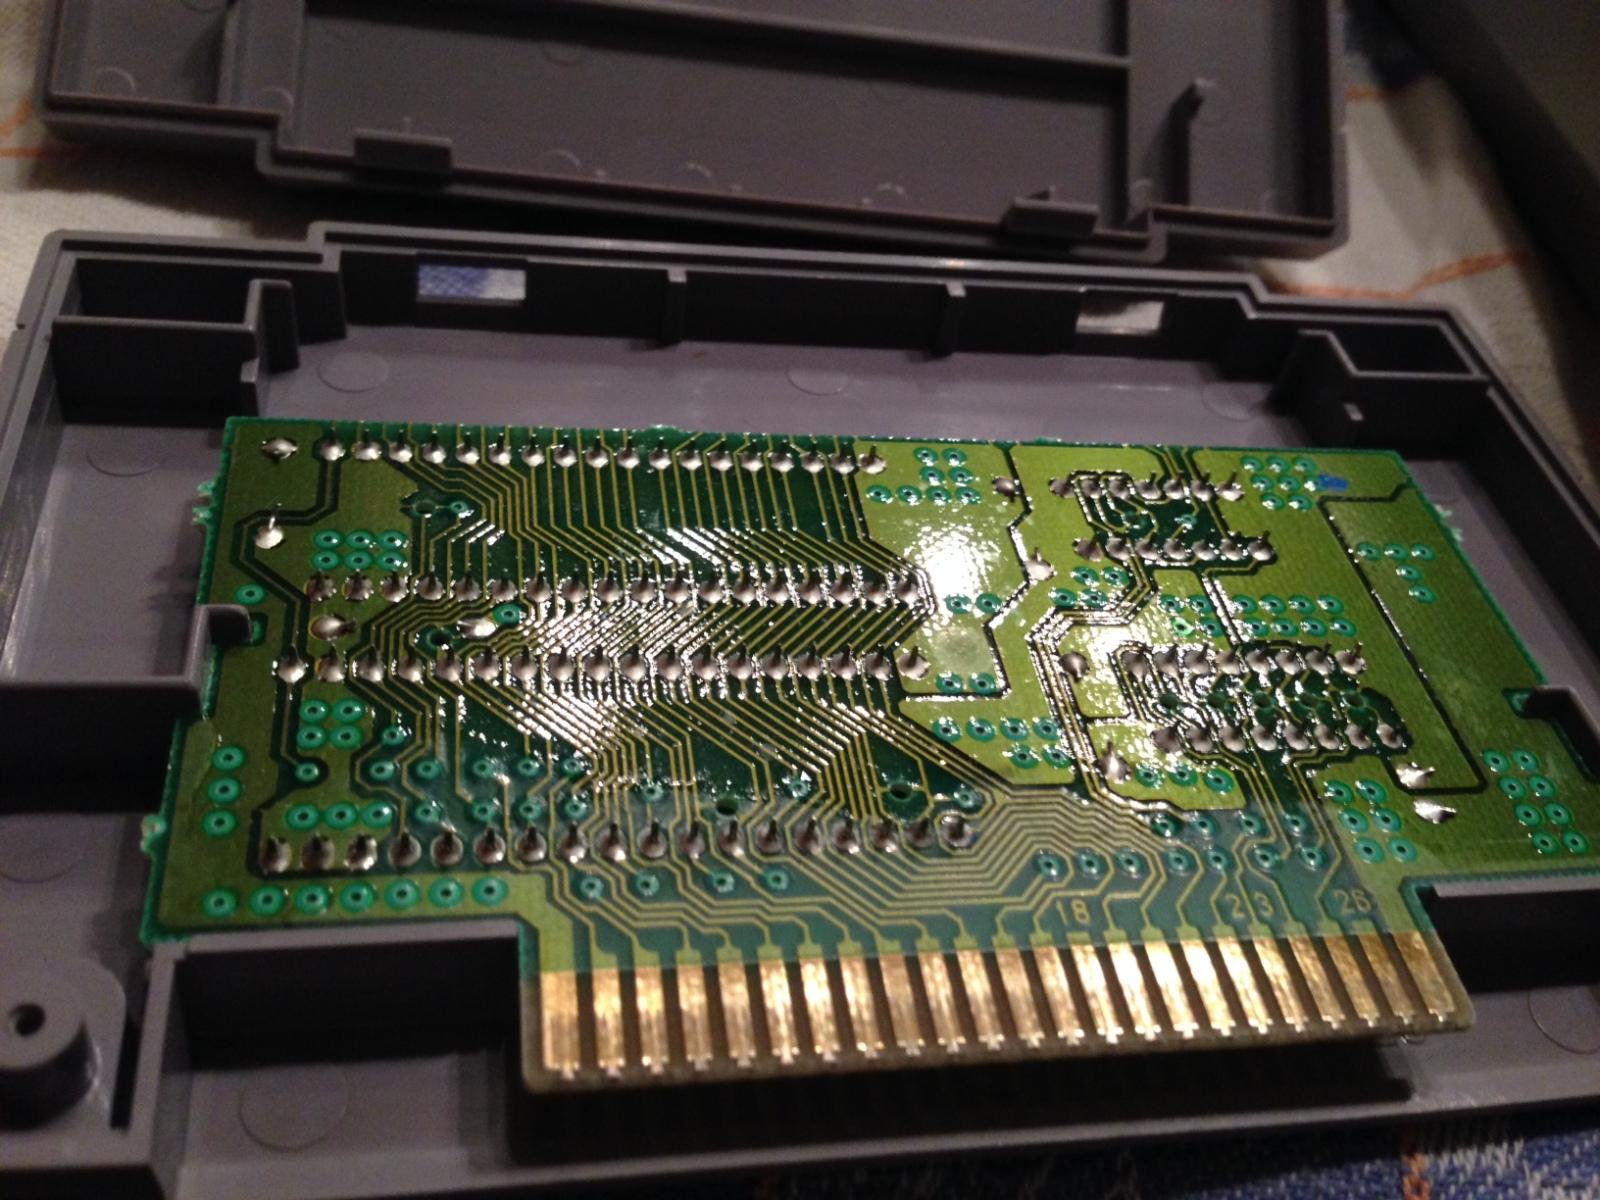 SNES - Super Nintendo en panne - plus d'image 21jp40n